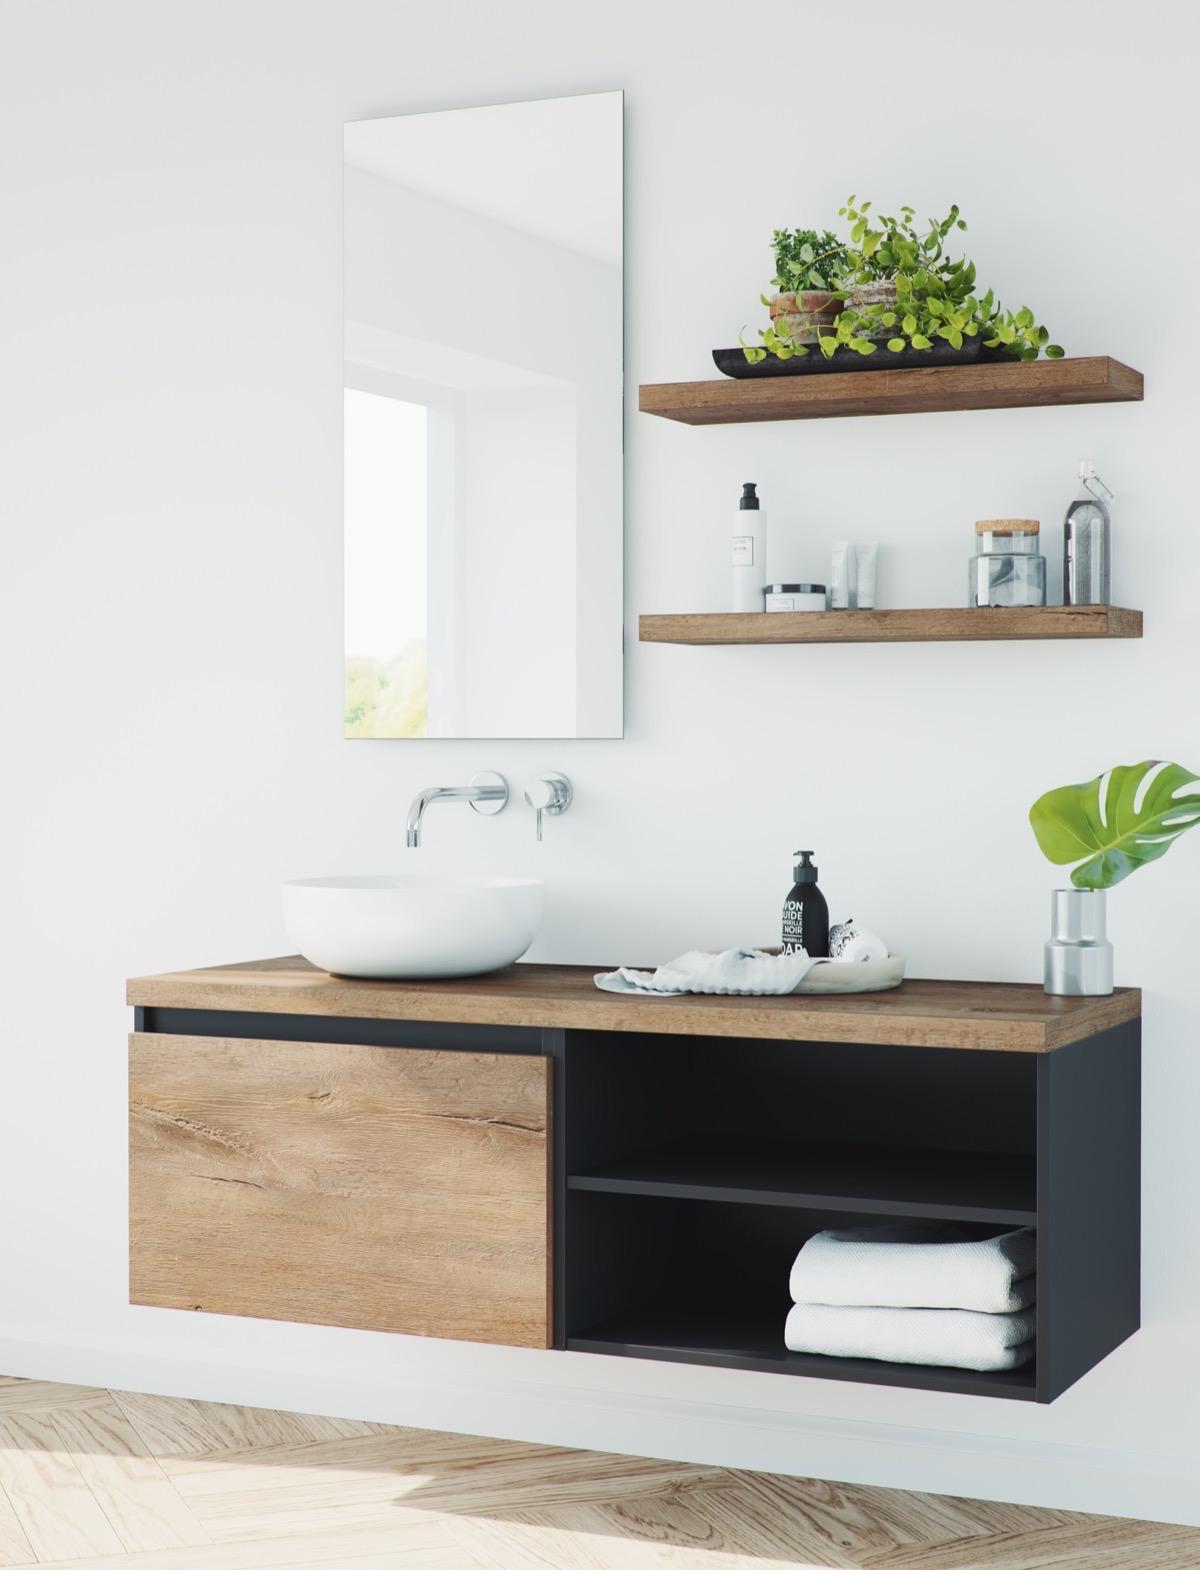 duurzaam-genieten_mijn-bad-in-stijl-3